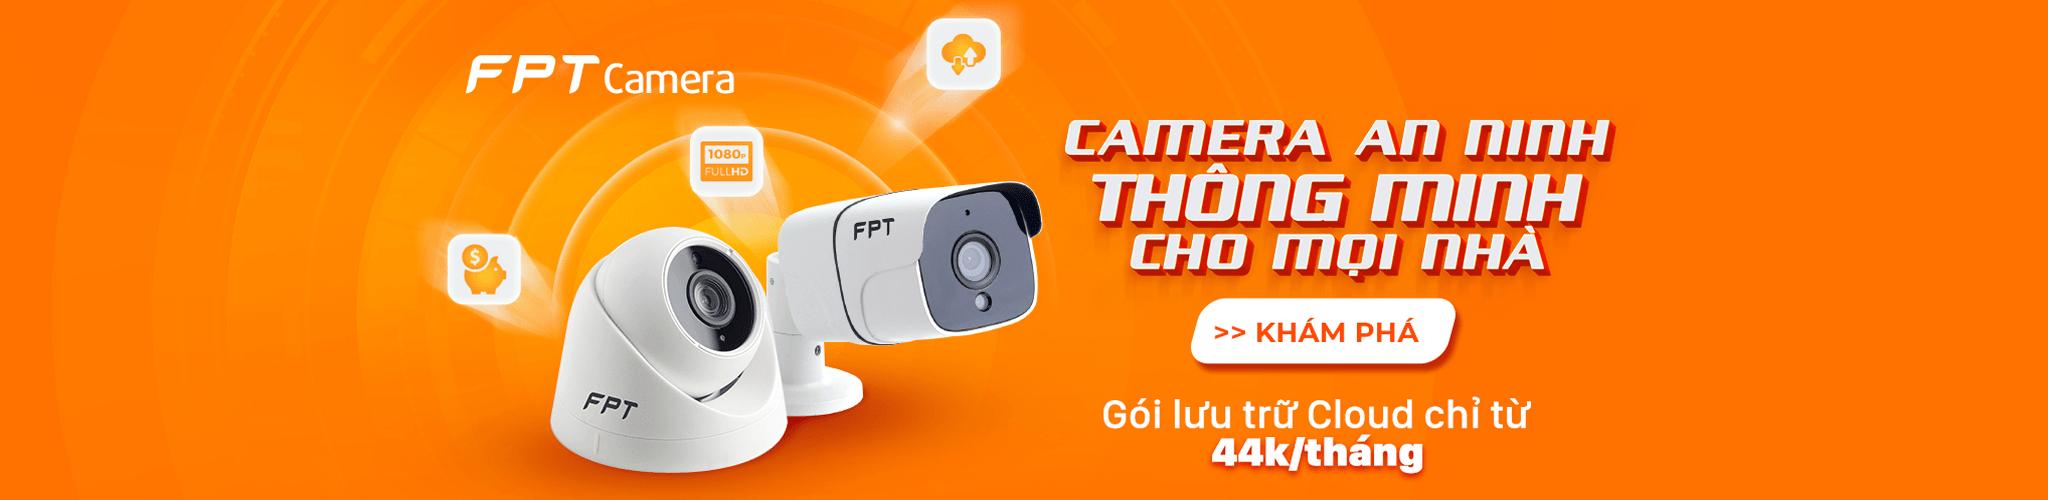 banner camera fpt telecom